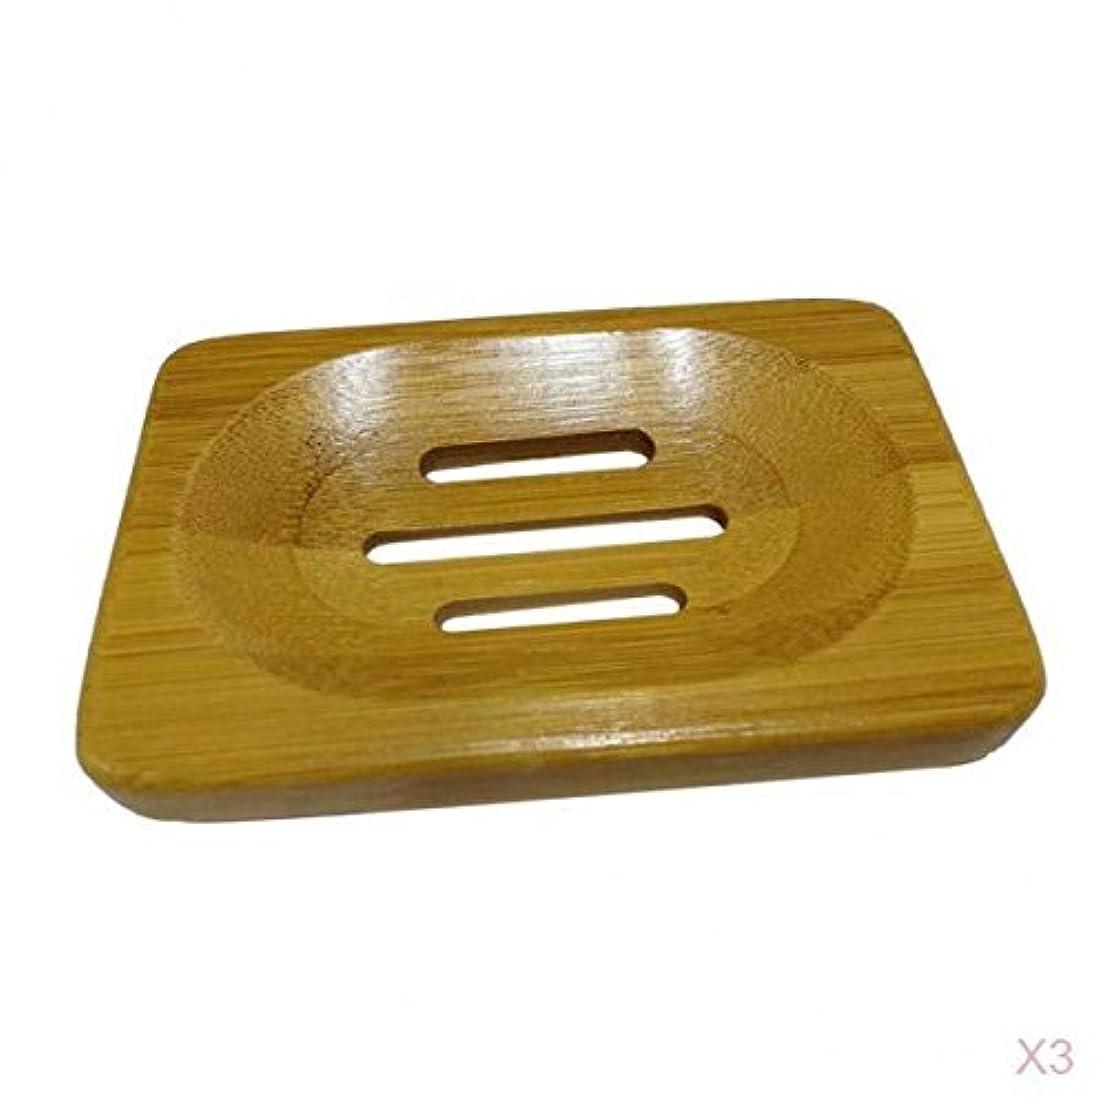 化合物影響力のある同じHomyl 3個 木製 石鹸 ケース ホルダー